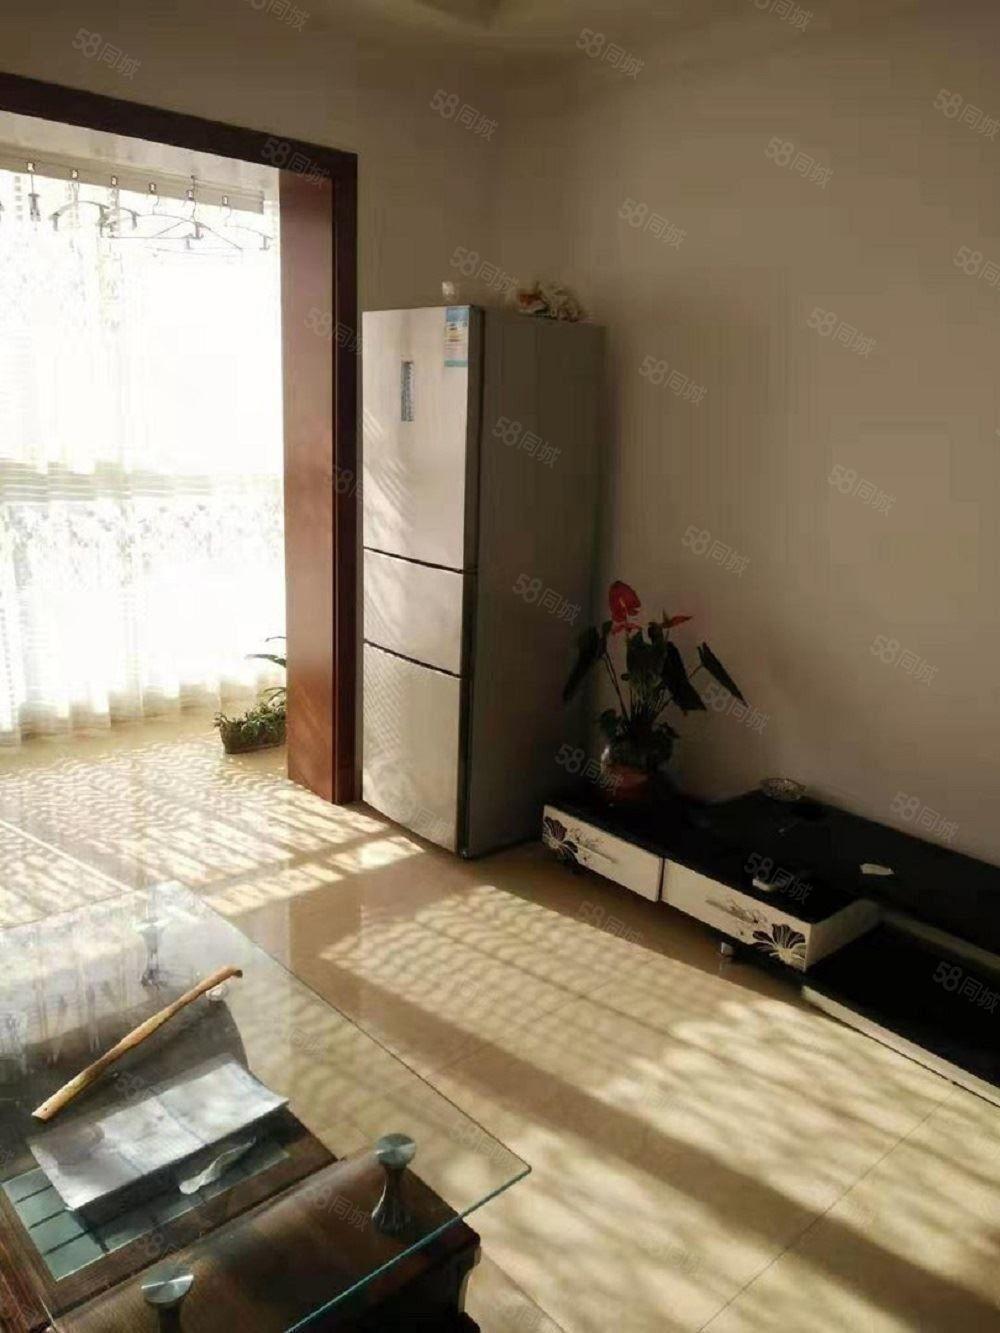 佳居苑1700元3室2厅1卫普通装修,超值,随时看房